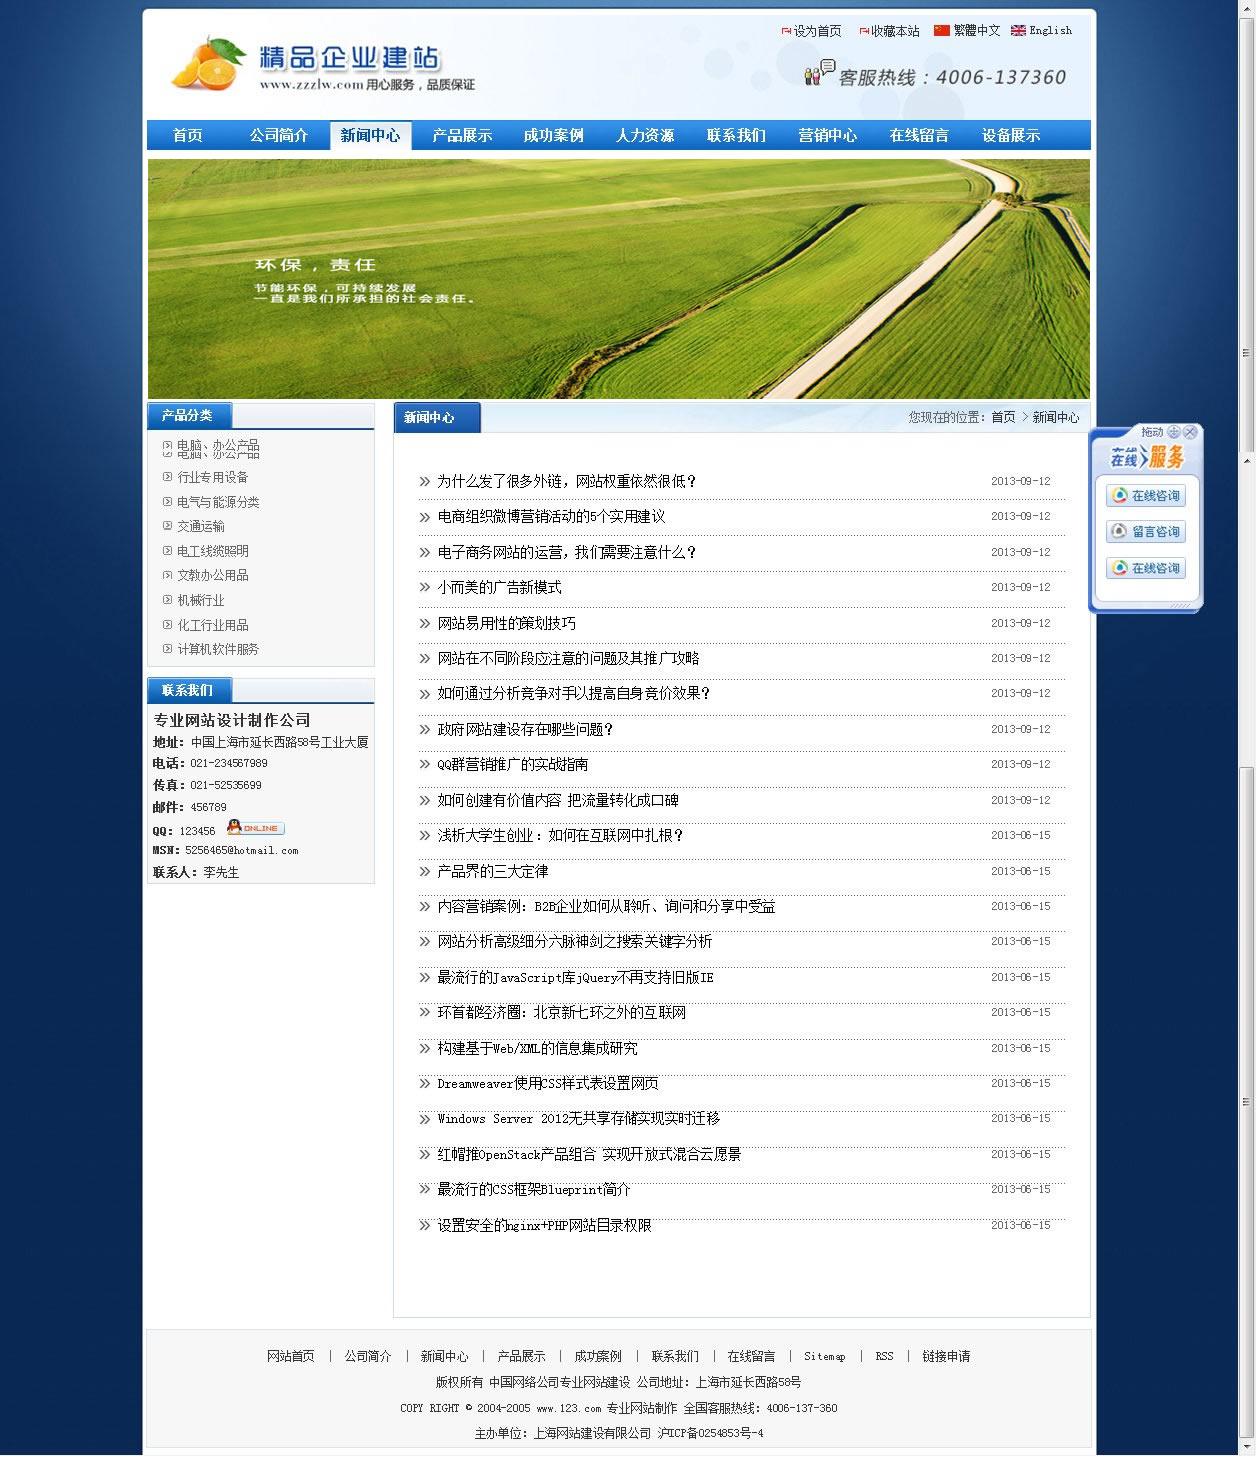 网站模板(div+css)